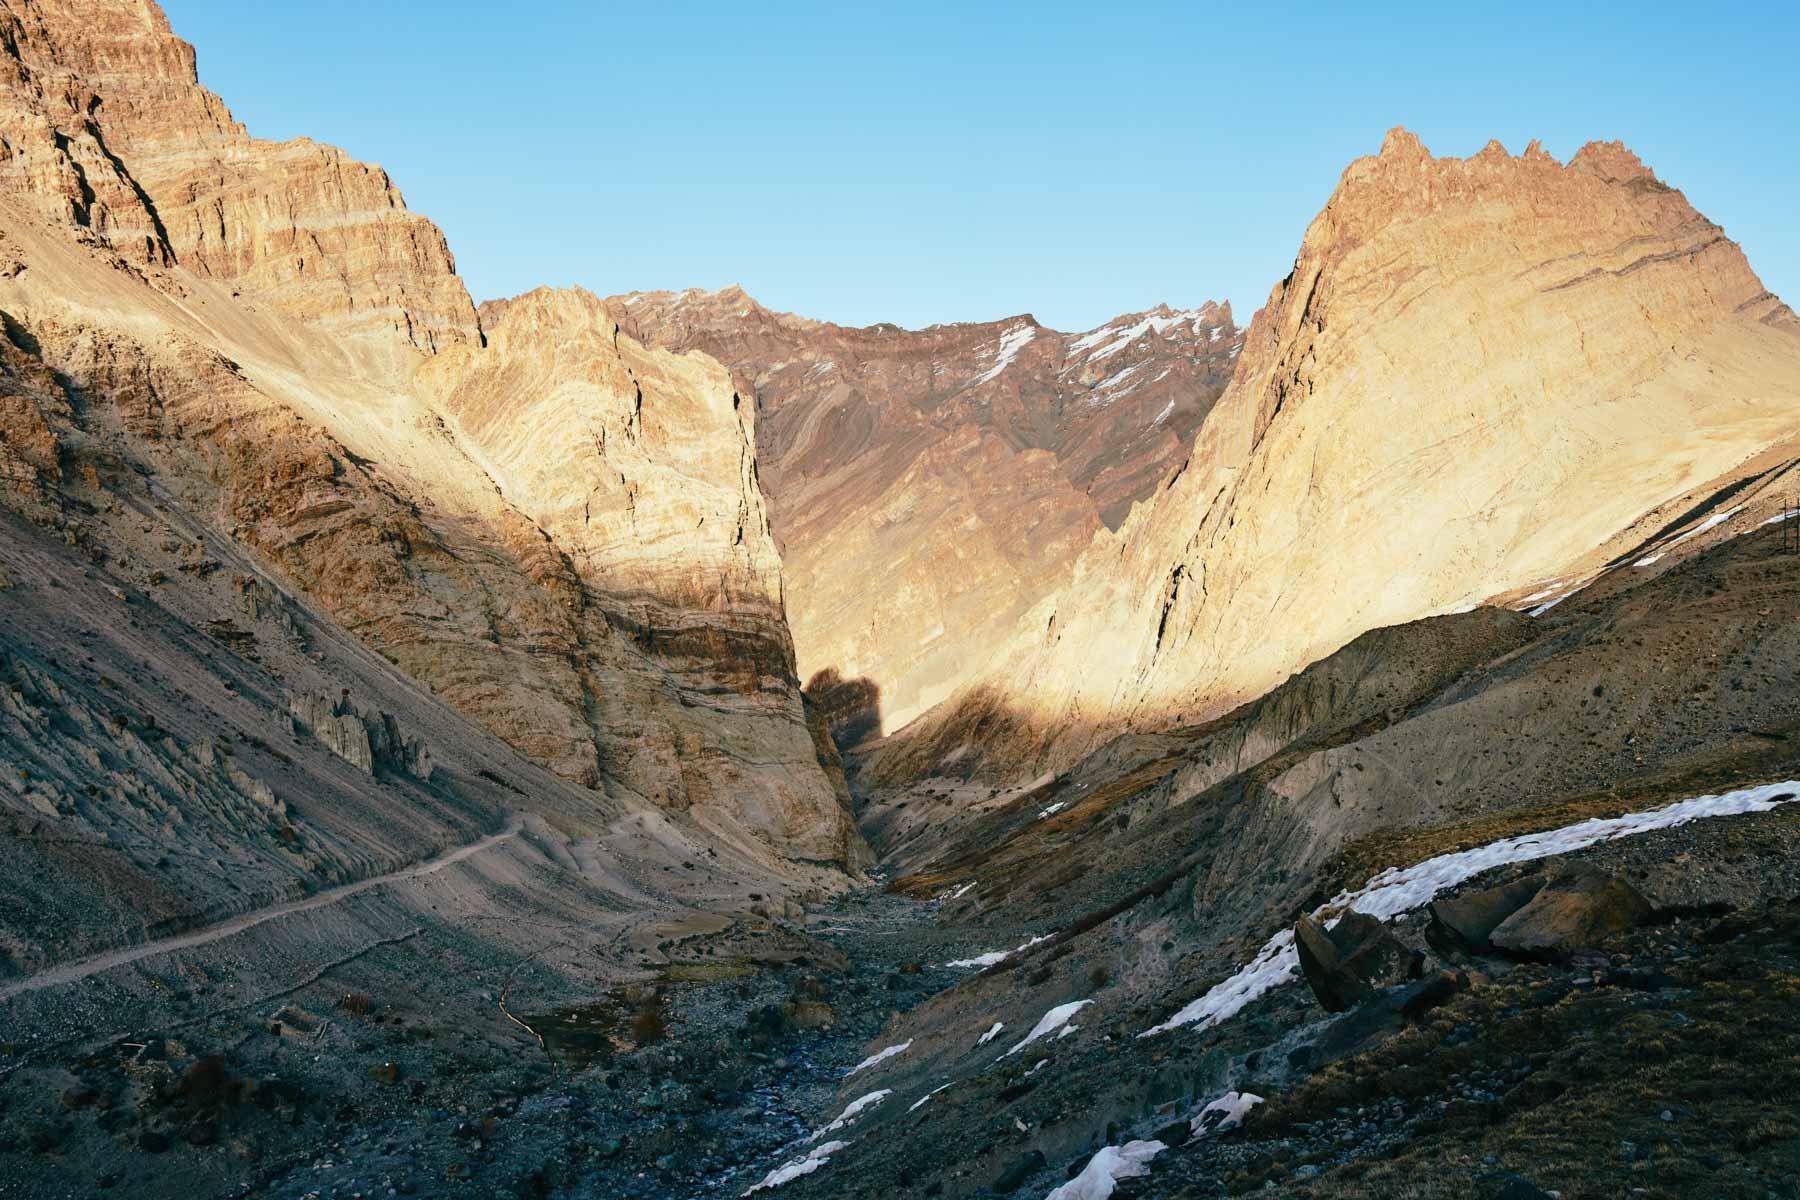 Photoksar vor Sonnenuntergang/ Ladakh/ Indien, 2018